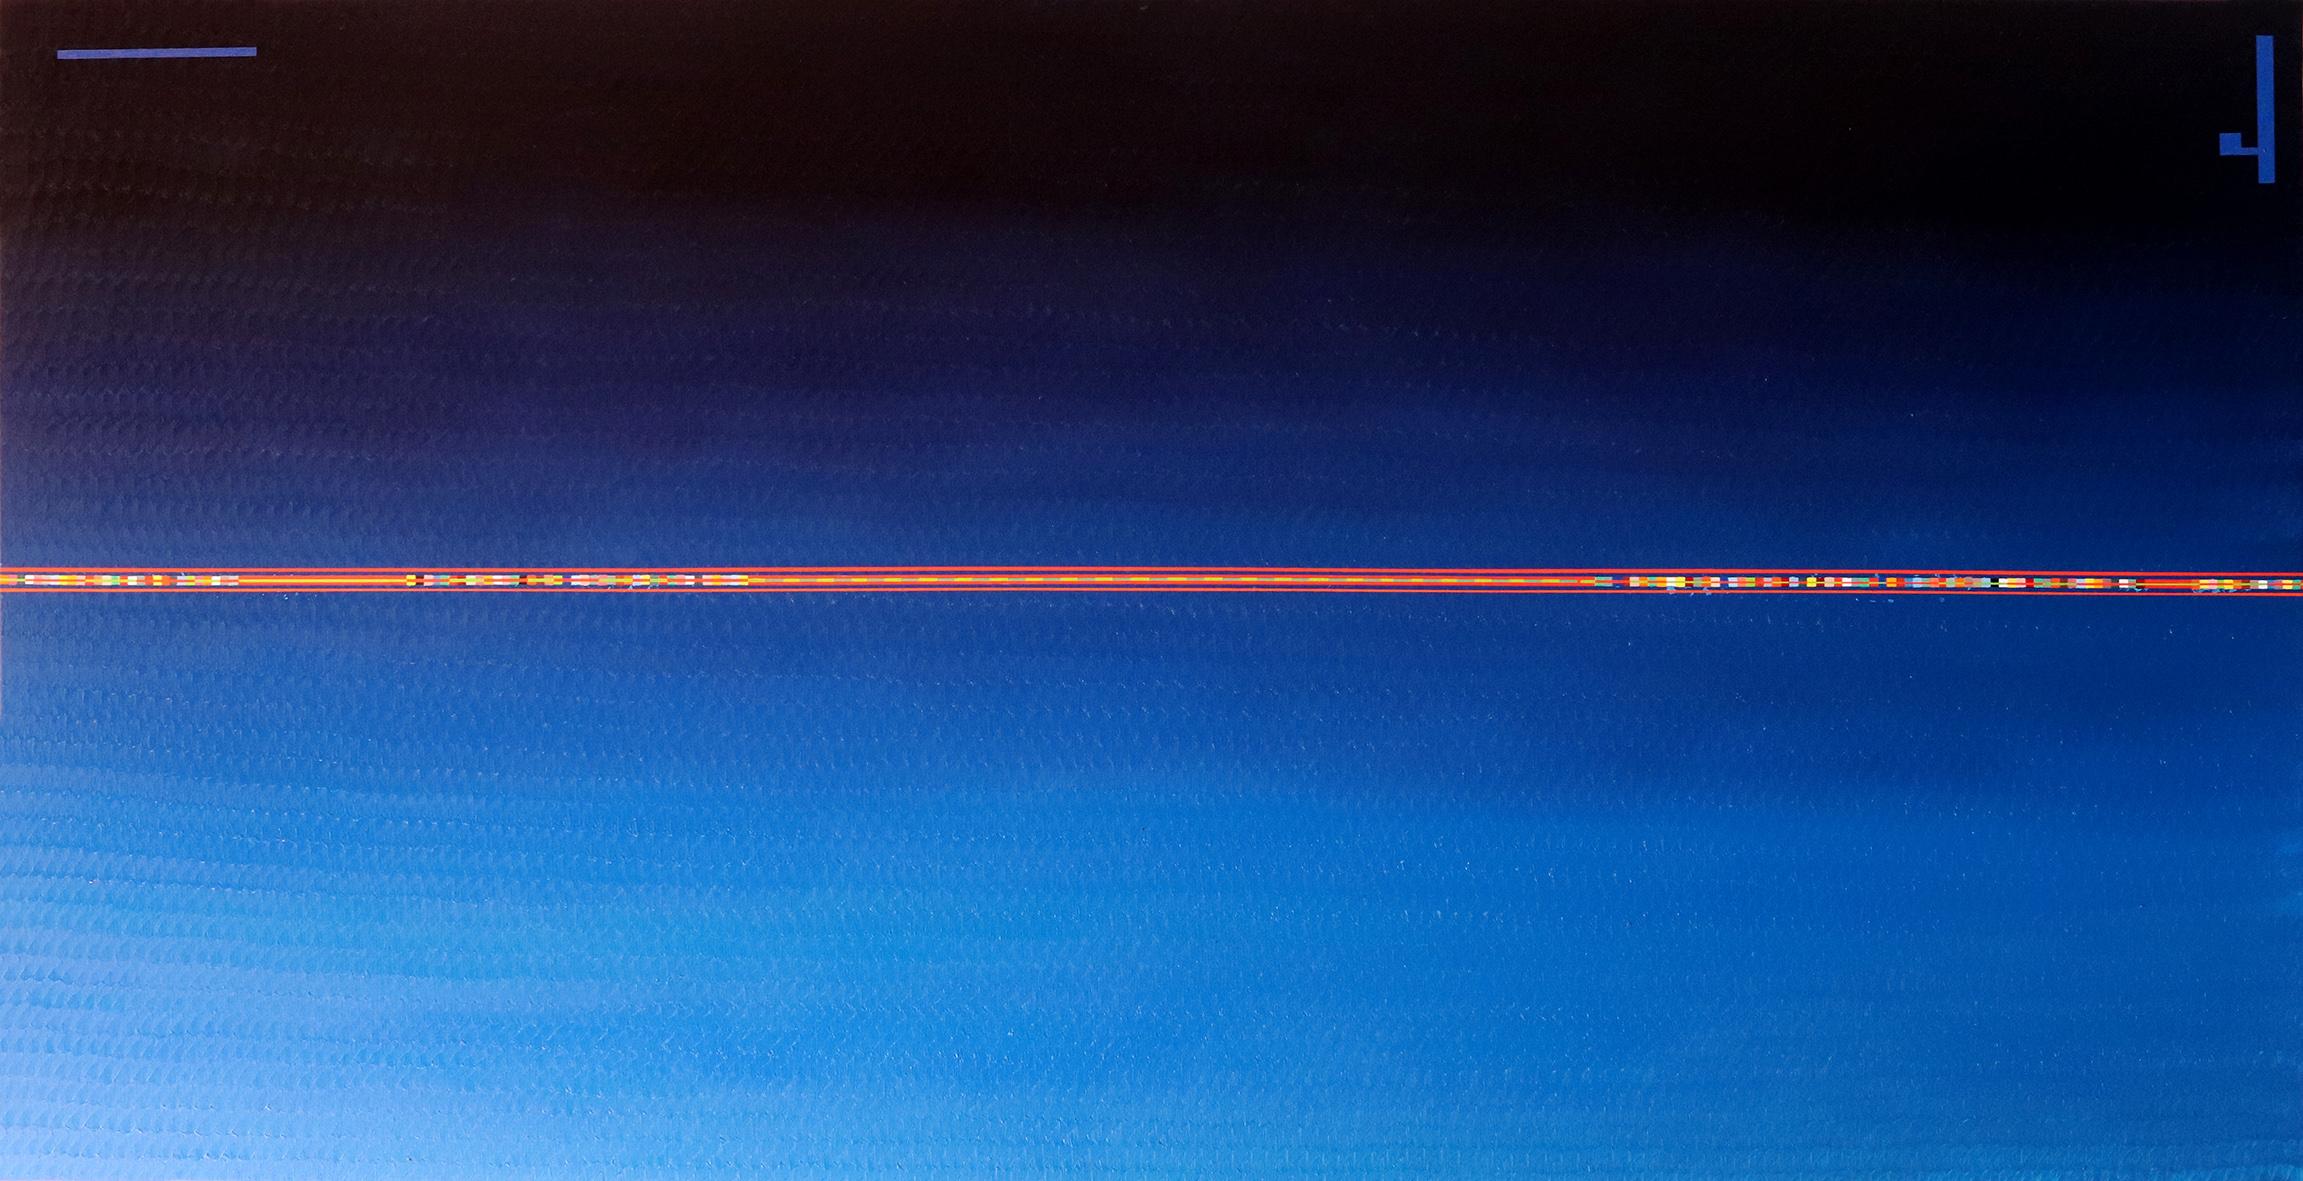 Redline horizon (v 10.0) (122x240cm) 2019